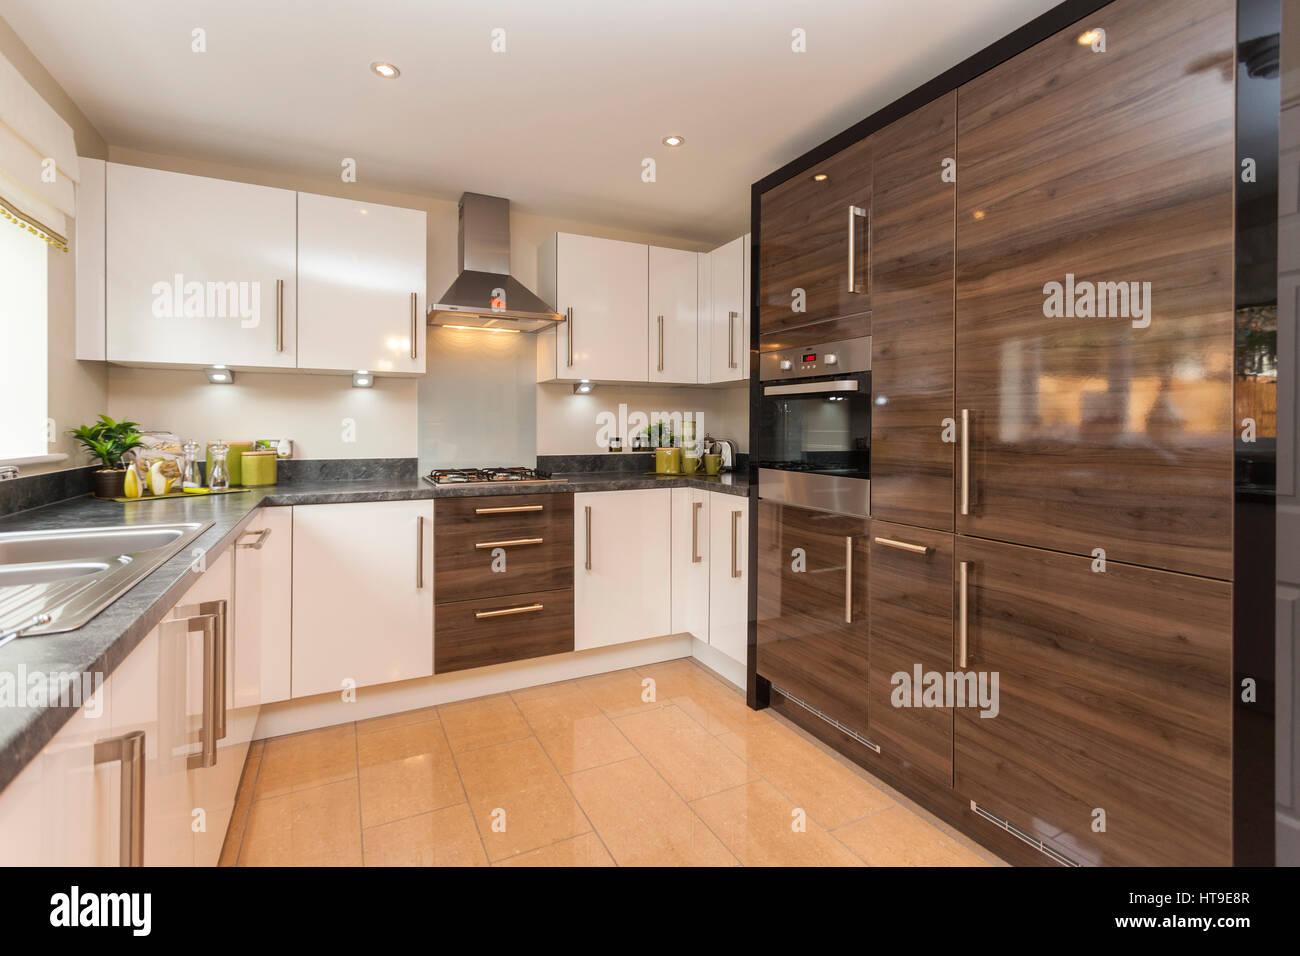 Portada interior cocina moderna casa de nueva for Acabados cocinas modernas